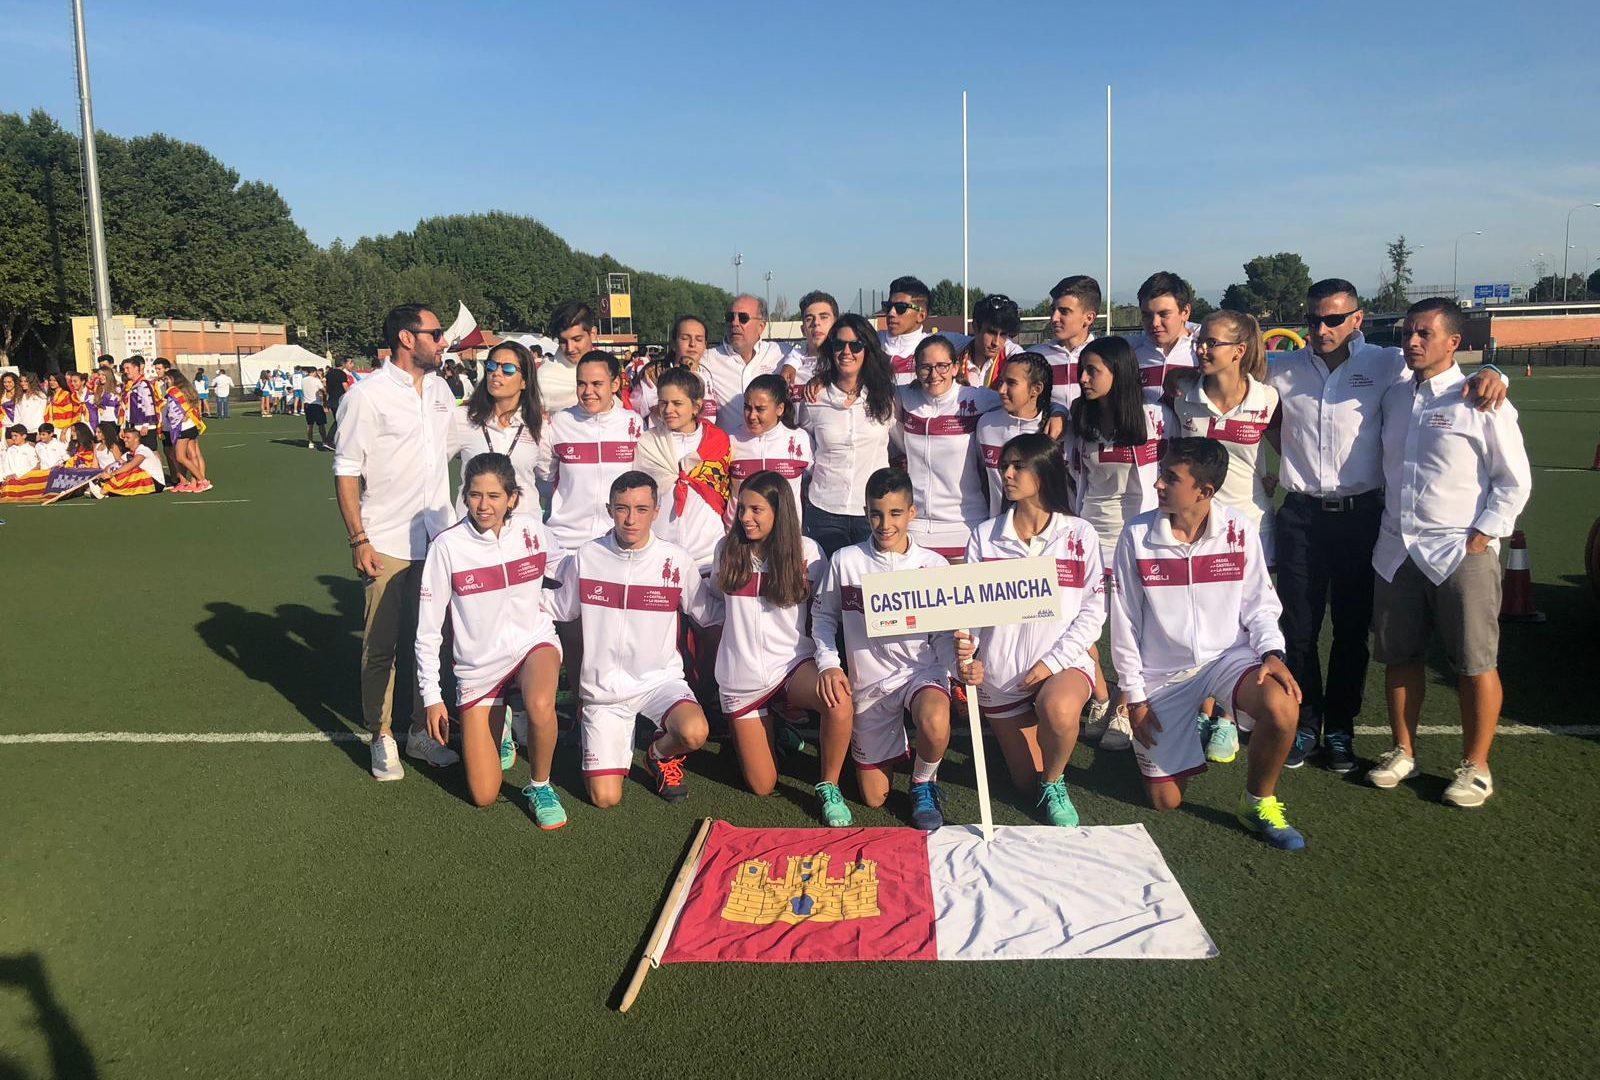 Las Selecciones Castellano-Manchegas en el Campeonato de España de Padel de Selecciones Autonómicas de Menores